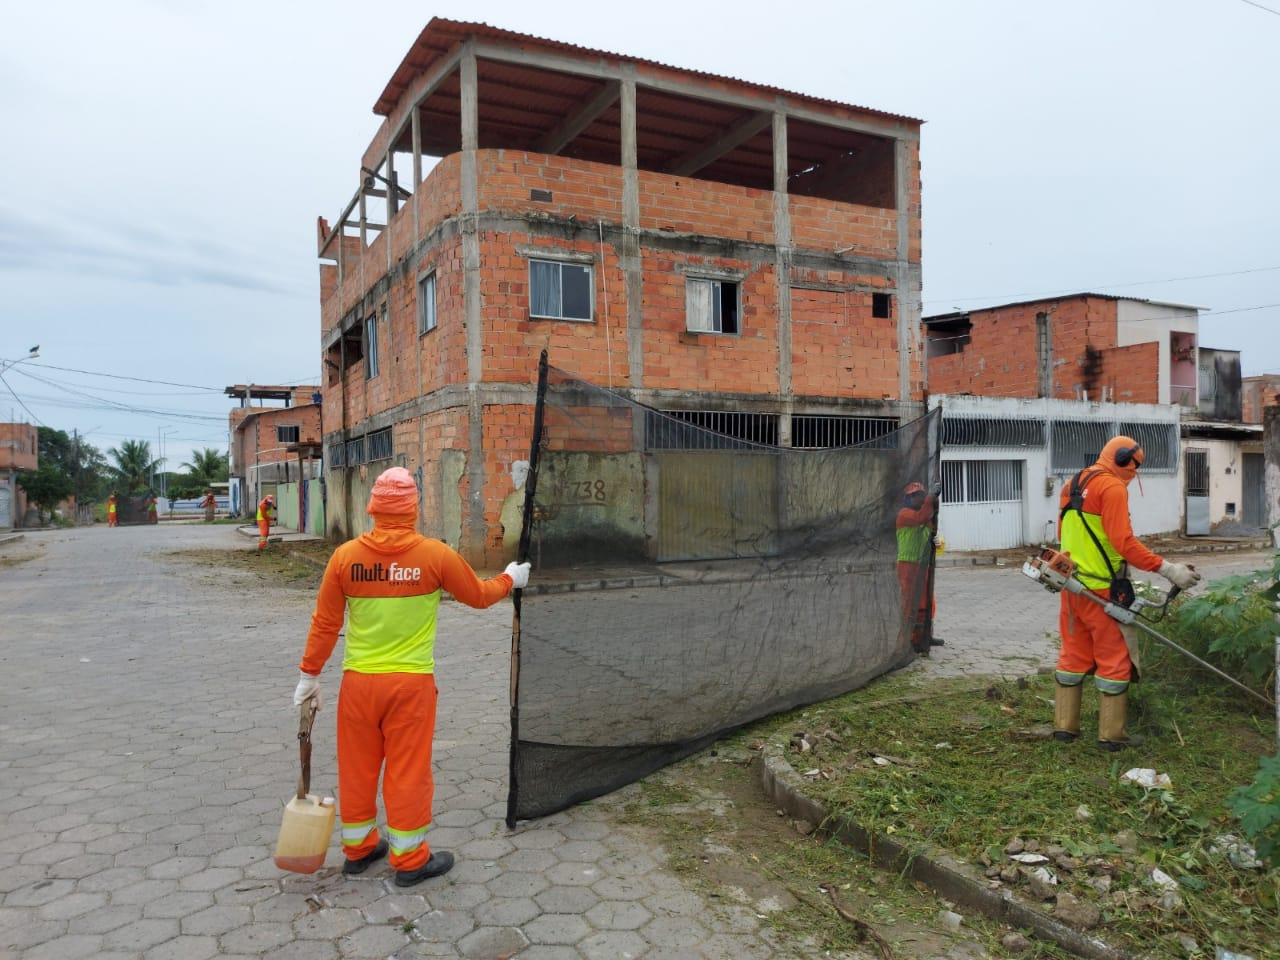 PREFEITURA DE SÃO MATEUS LEVA FORÇA-TAREFA DE LIMPEZA PARA BAIRROS DA PERIFERIA